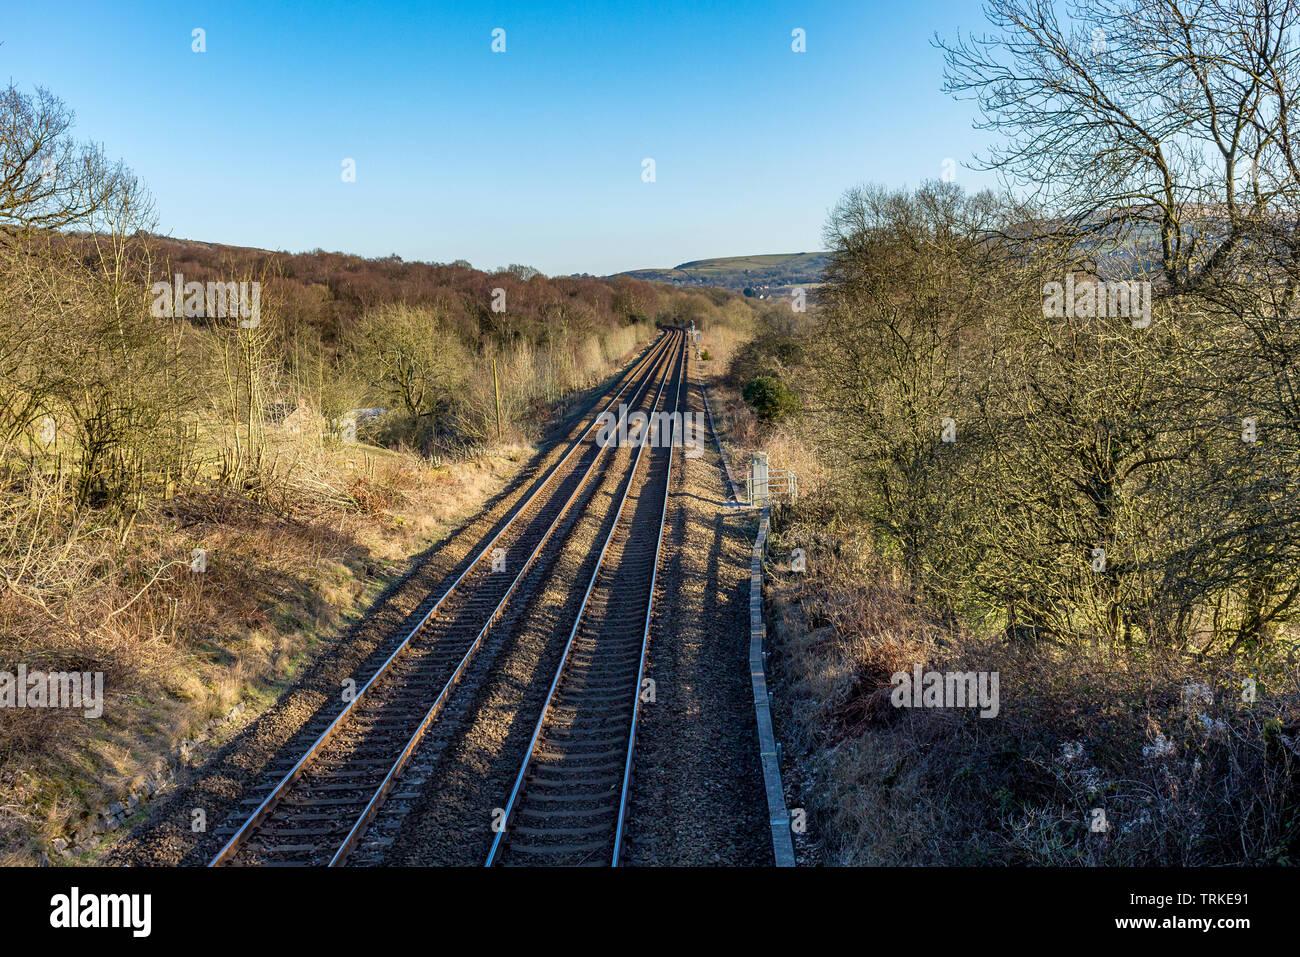 Perspektivische Ansicht von Bahnstrecken, die durch countryide, Cheshire, UK. Stockbild